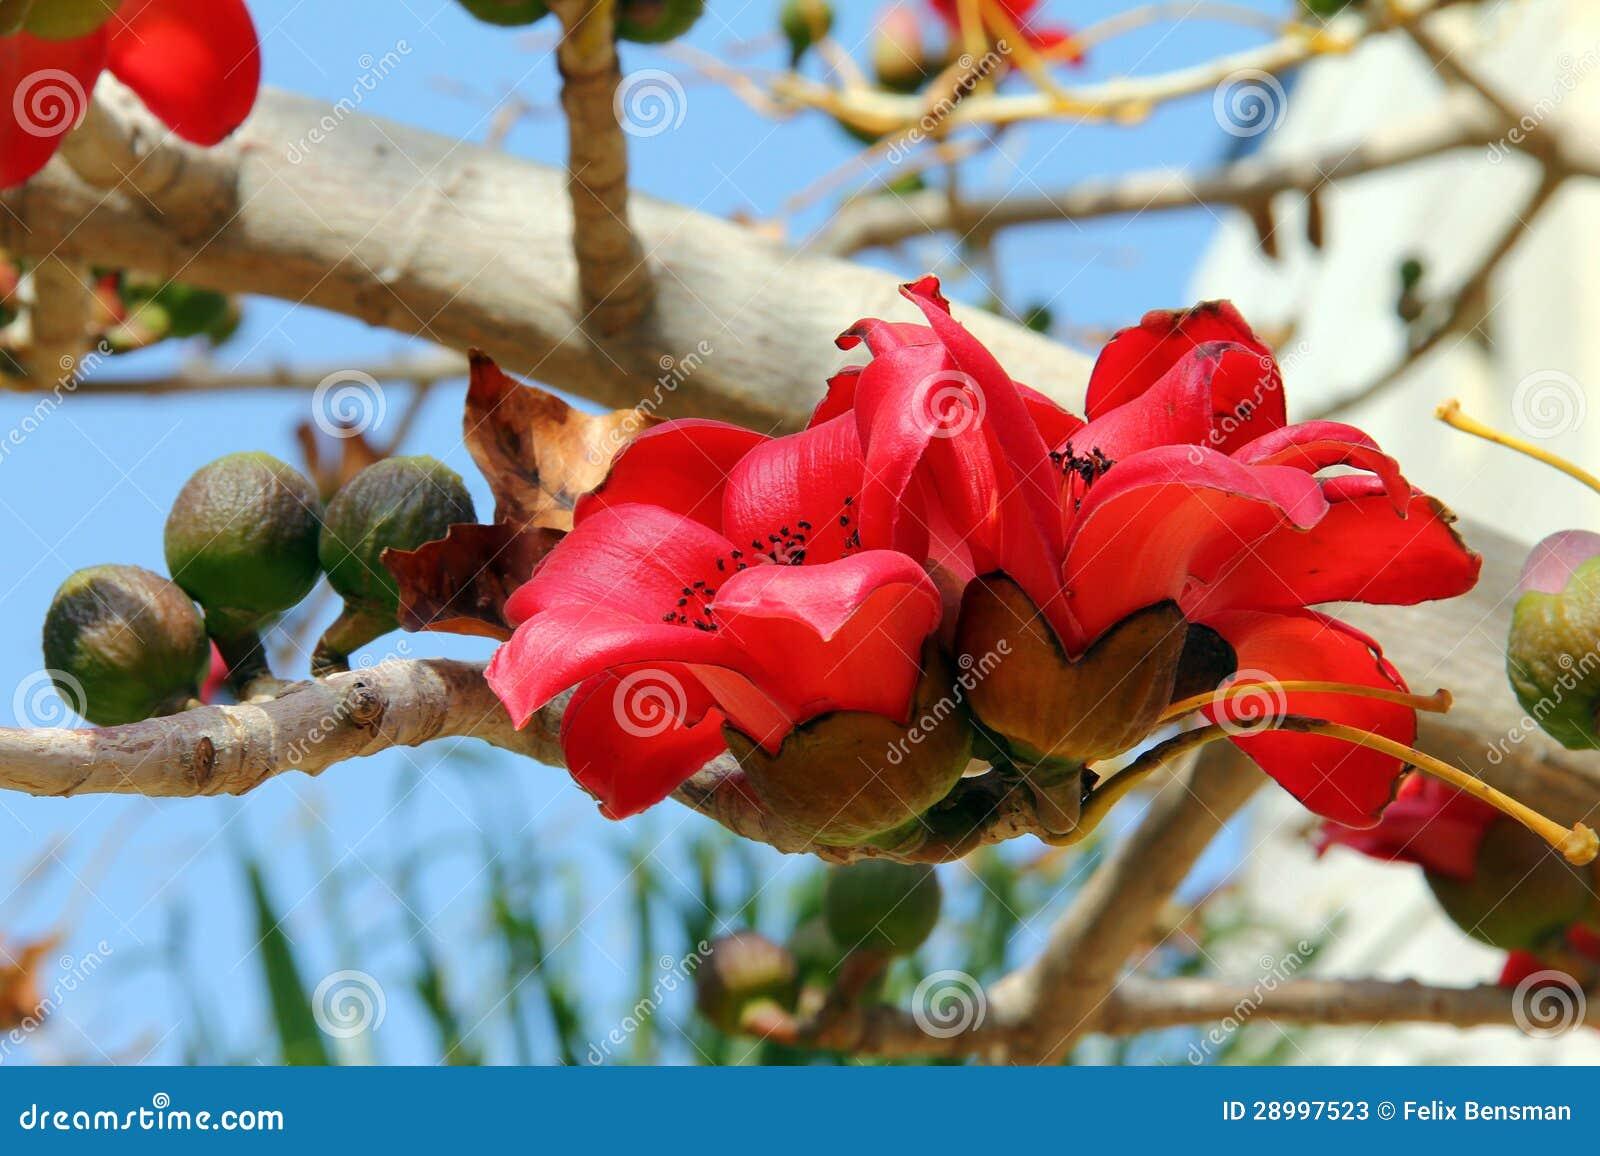 Fleurs de l arbre rouge de coton en soie (Bombax)